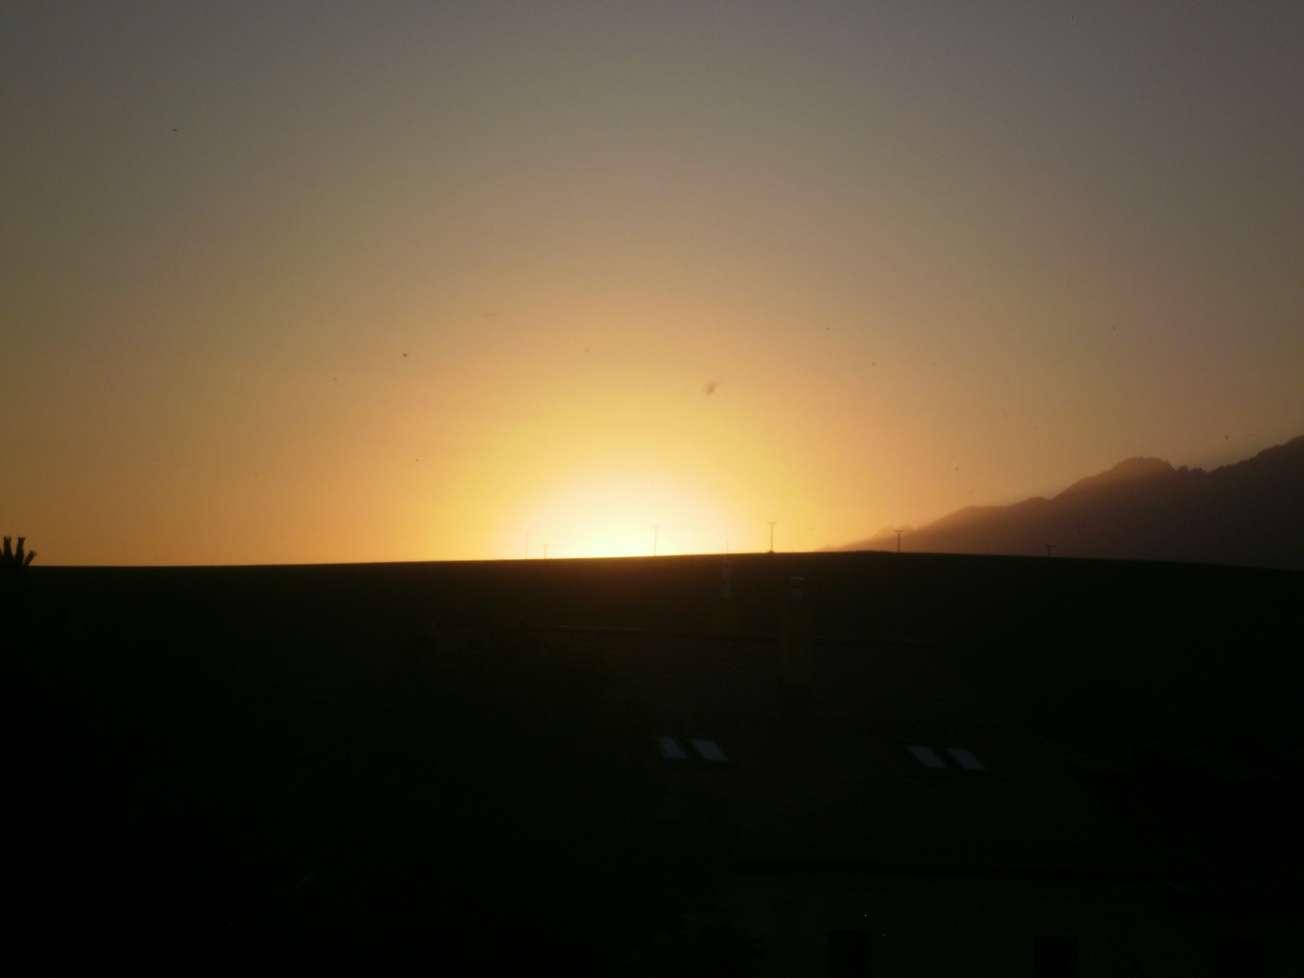 Západ slnka, alebo už zapadlo